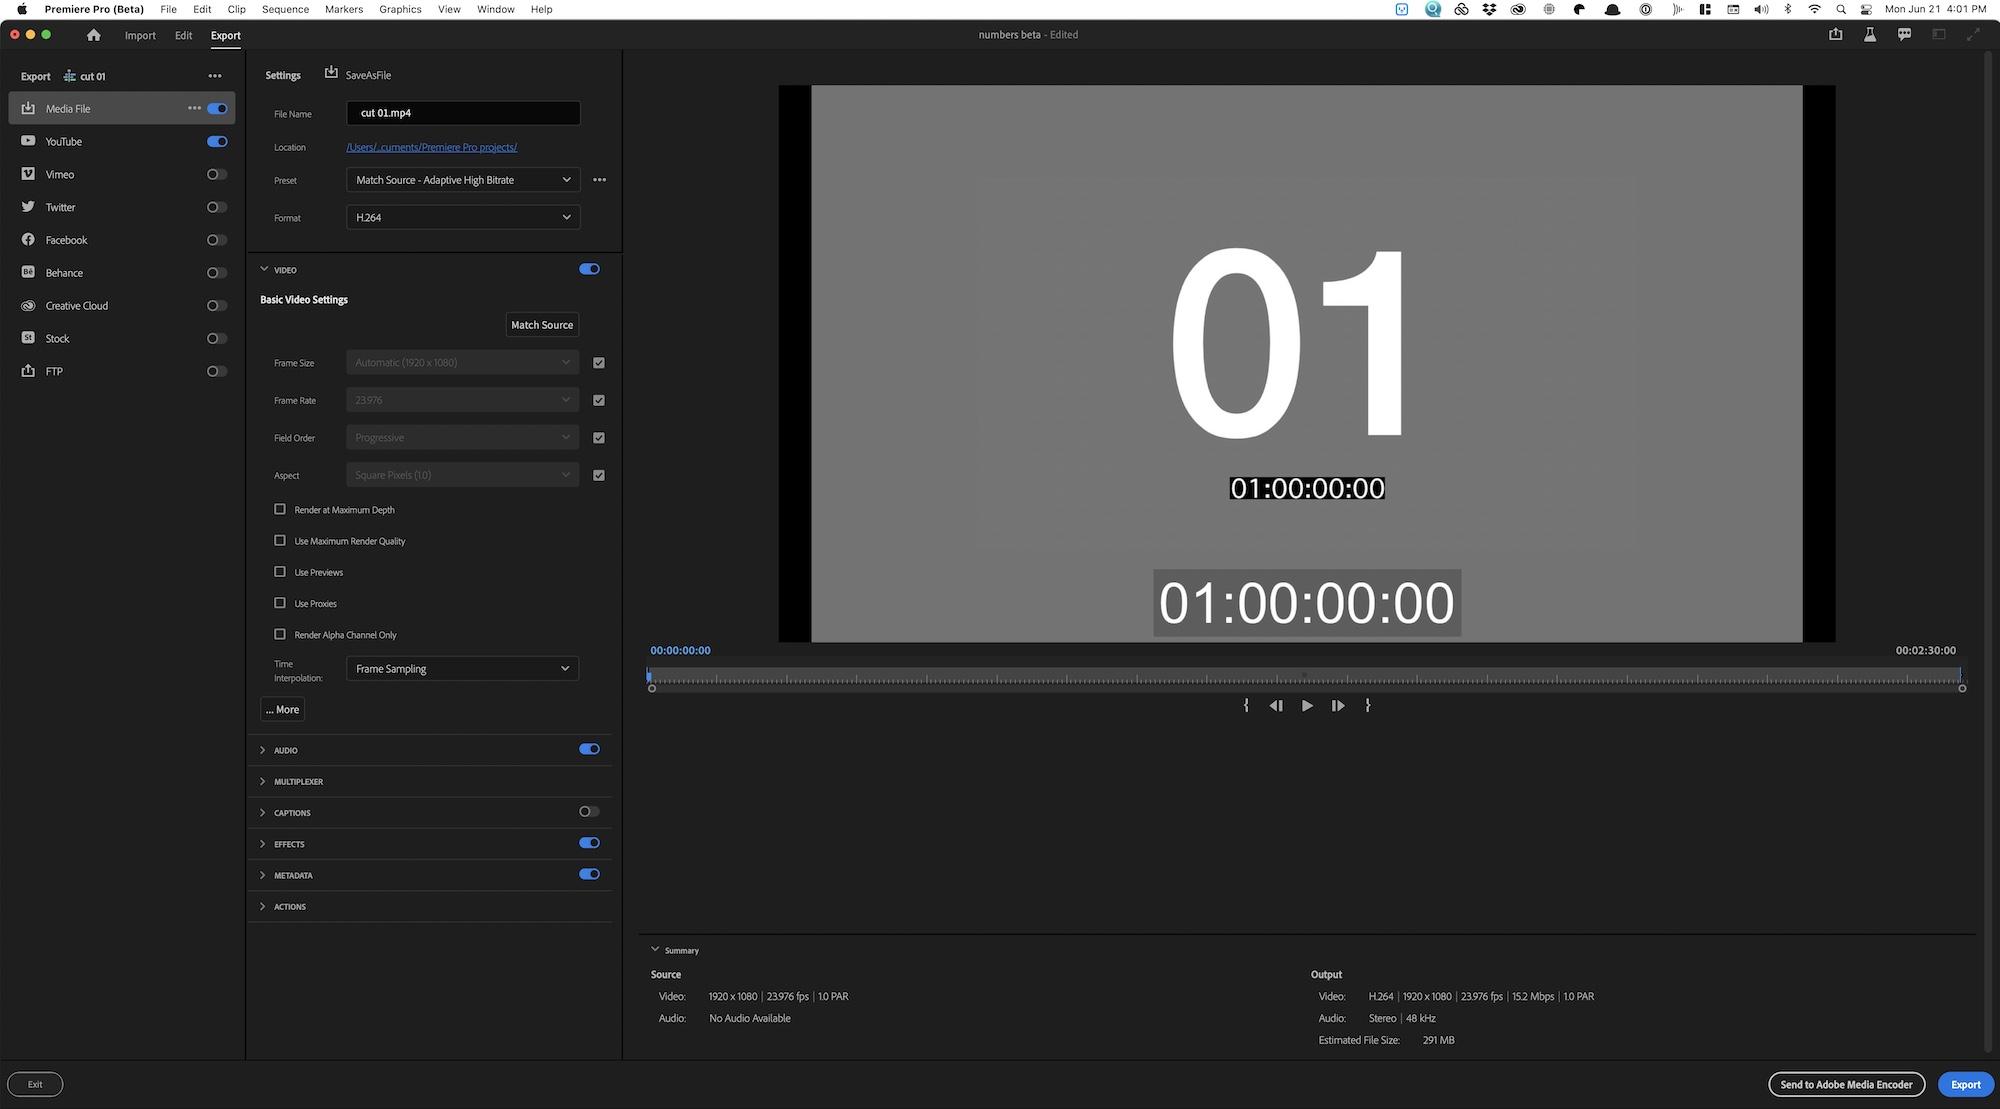 Una nueva experiencia de Adobe Premiere Pro comienza con nuevos flujos de trabajo de IMPORTACIÓN y EXPORTACIÓN 33